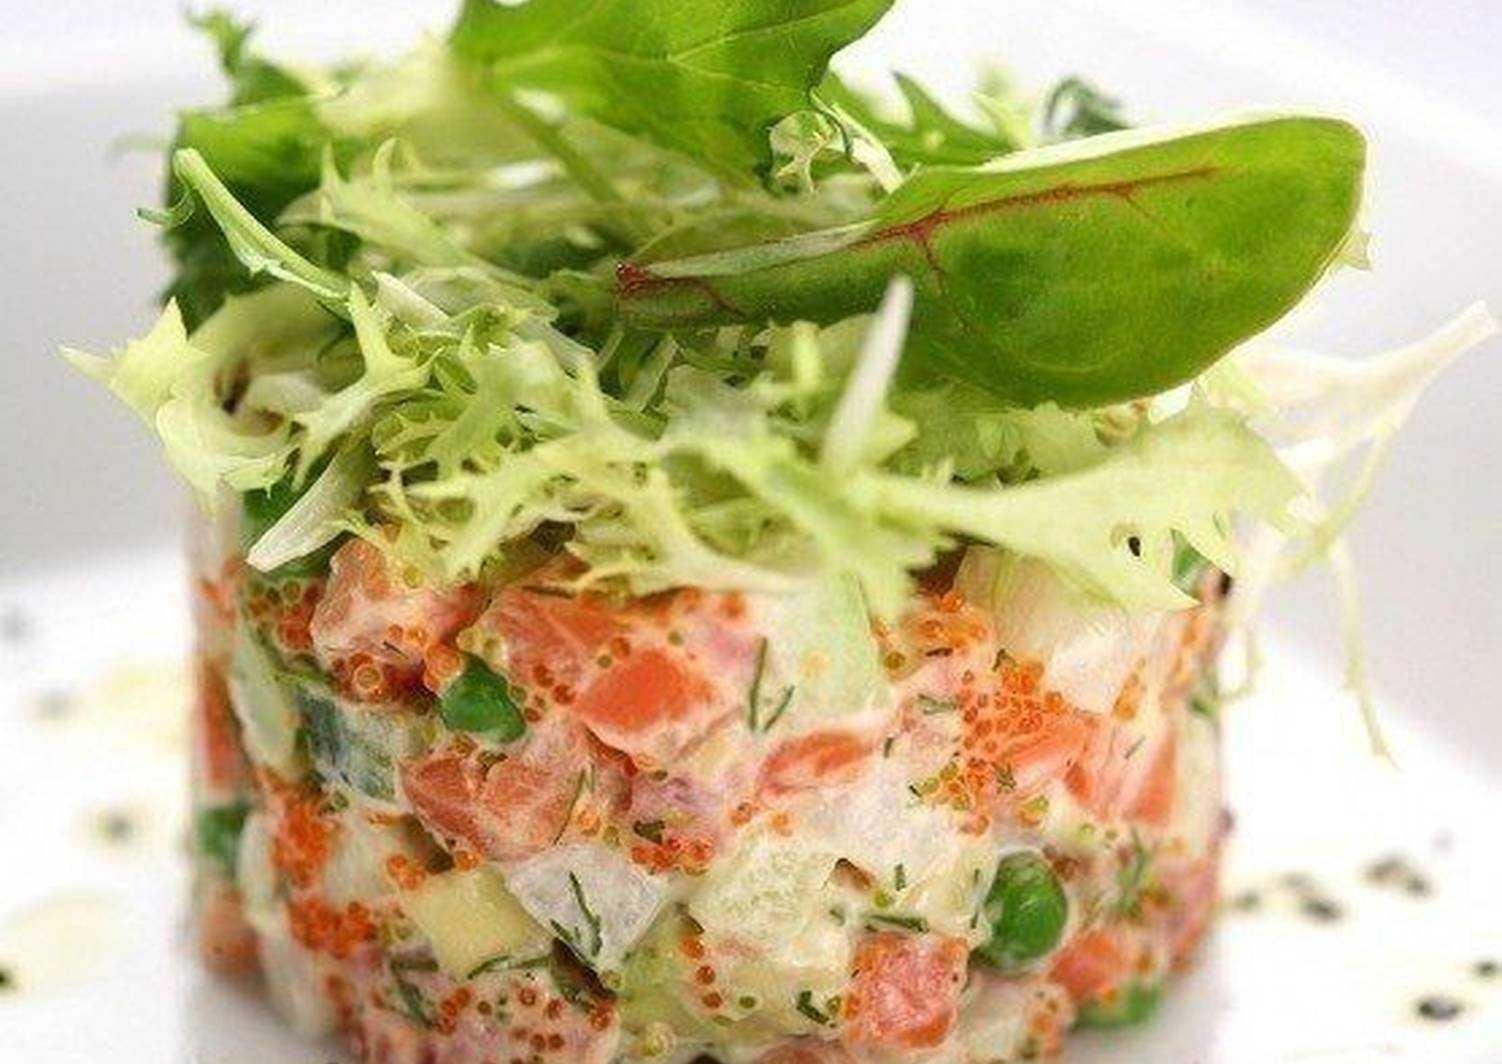 Салат с омлетом - для обеда или перекуса: рецепт с фото и видео